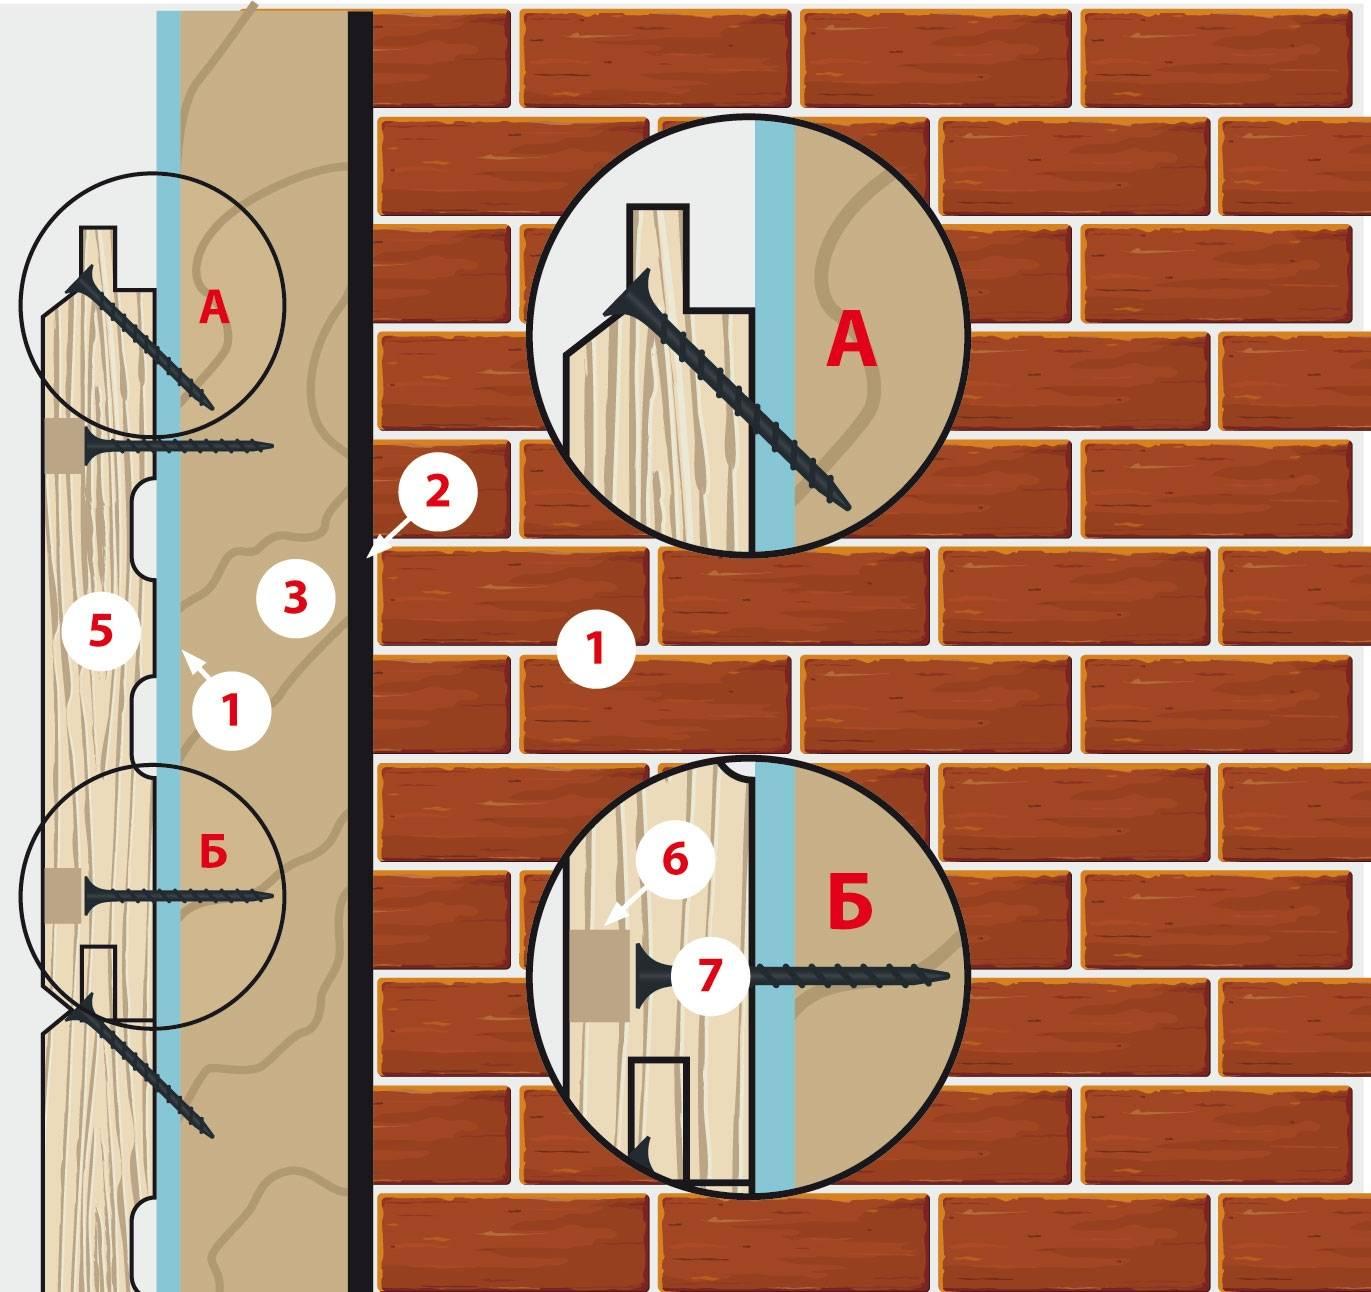 Имитация бруса в обшивке стен и как правильно крепить имитацию. как крепить имитацию бруса: особенности обрешетки из досок или брусков, стоек каркасного строения и применяемых крепежей как укладывать